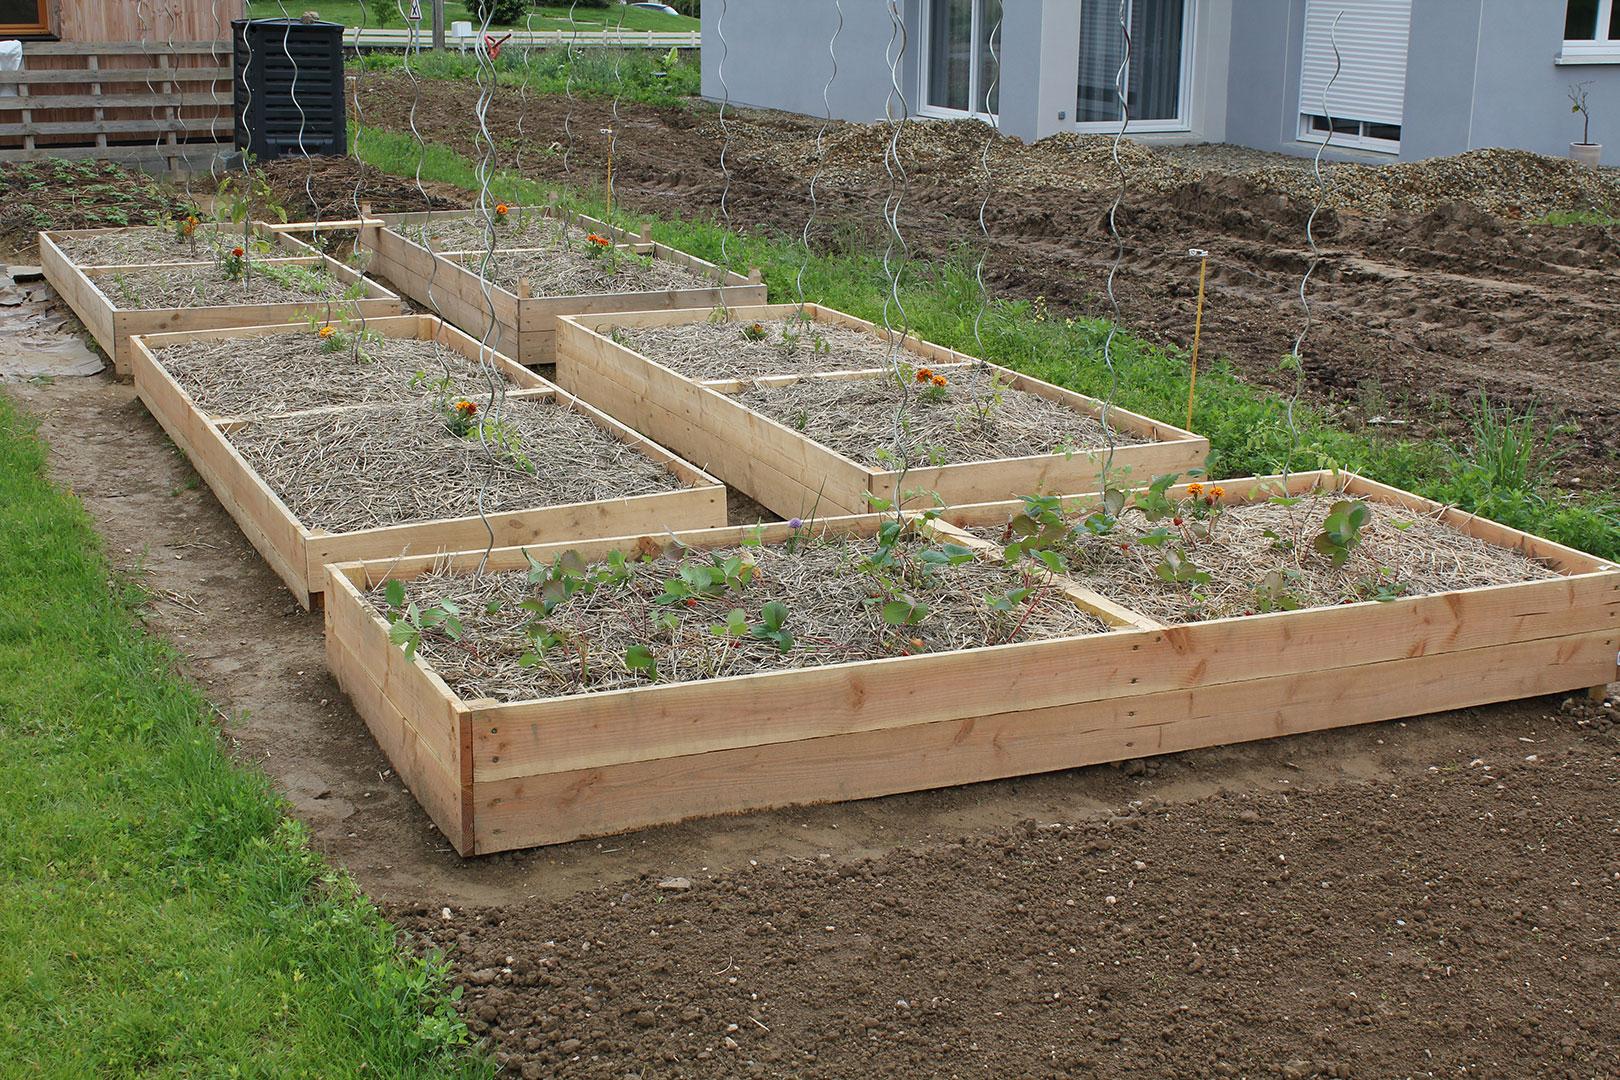 Bac En Bois Pour Jardin - Mobilier De Jardin Sur dedans Carré De Jardin En Bois